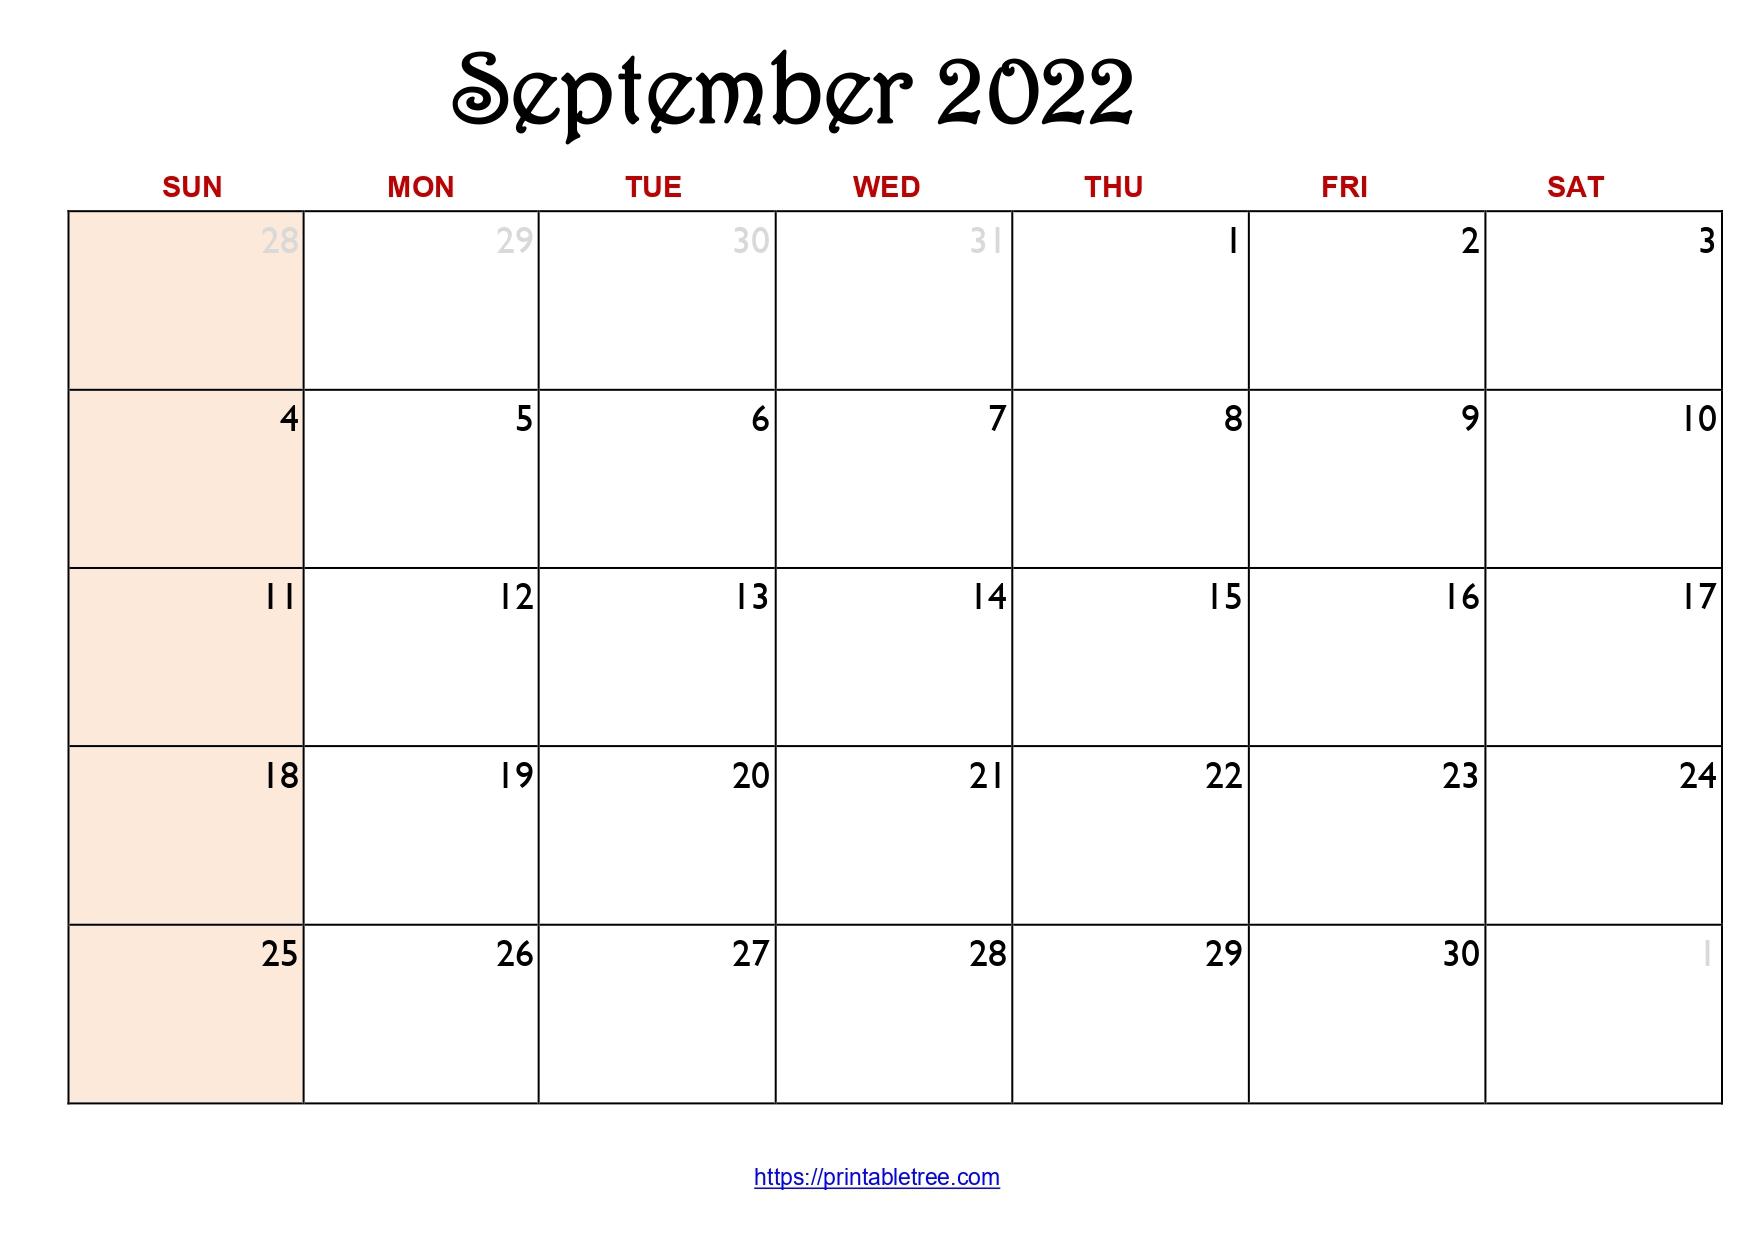 Original Monthly Calendar September 2022